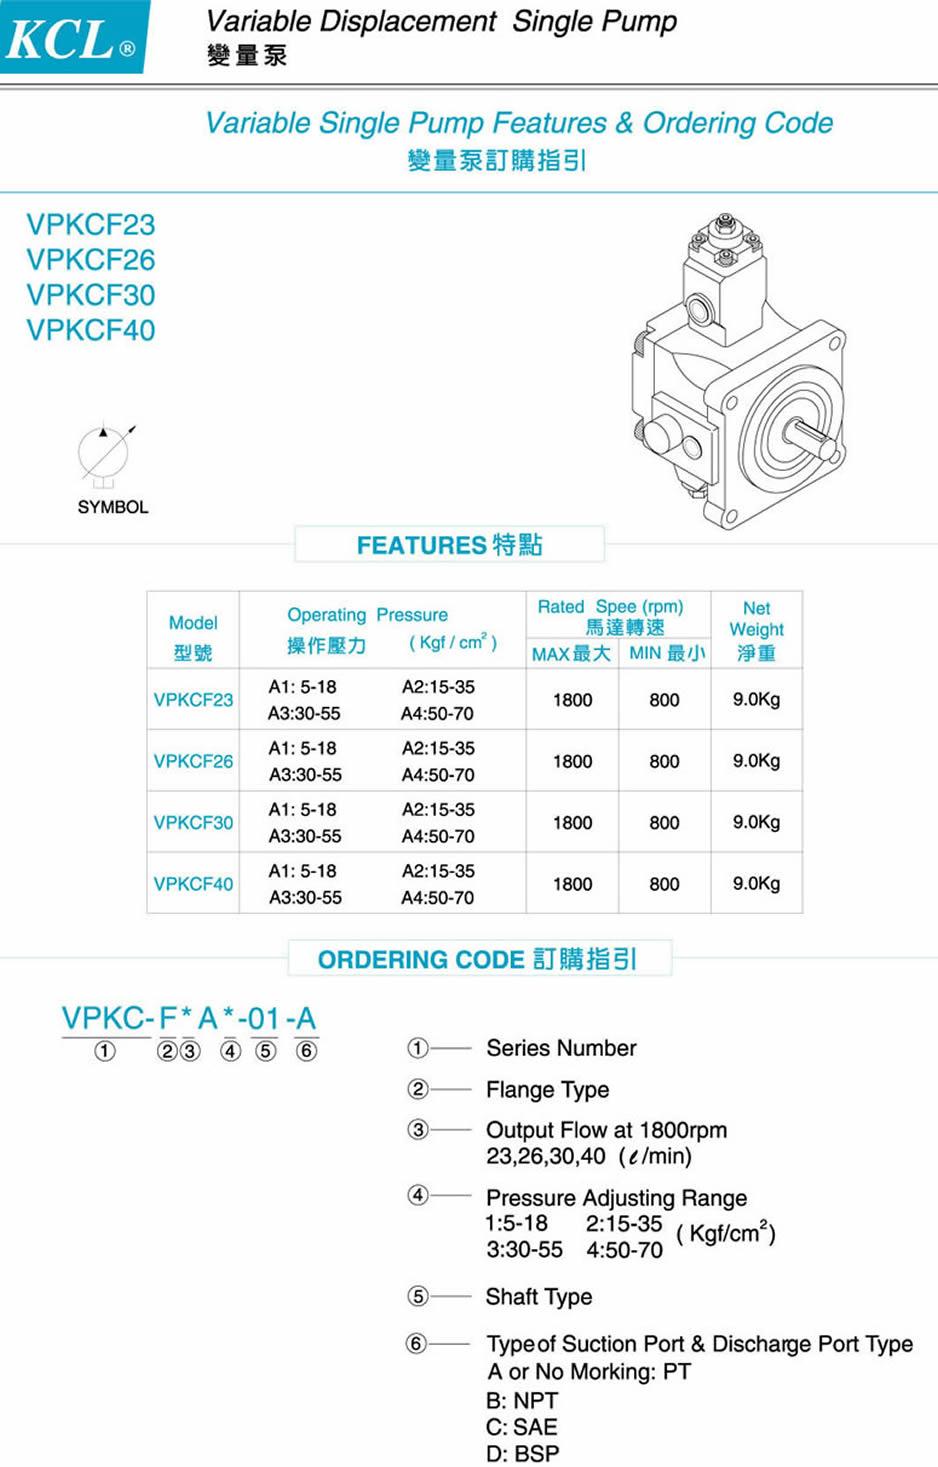 台湾凯嘉单联变量泵型号说明